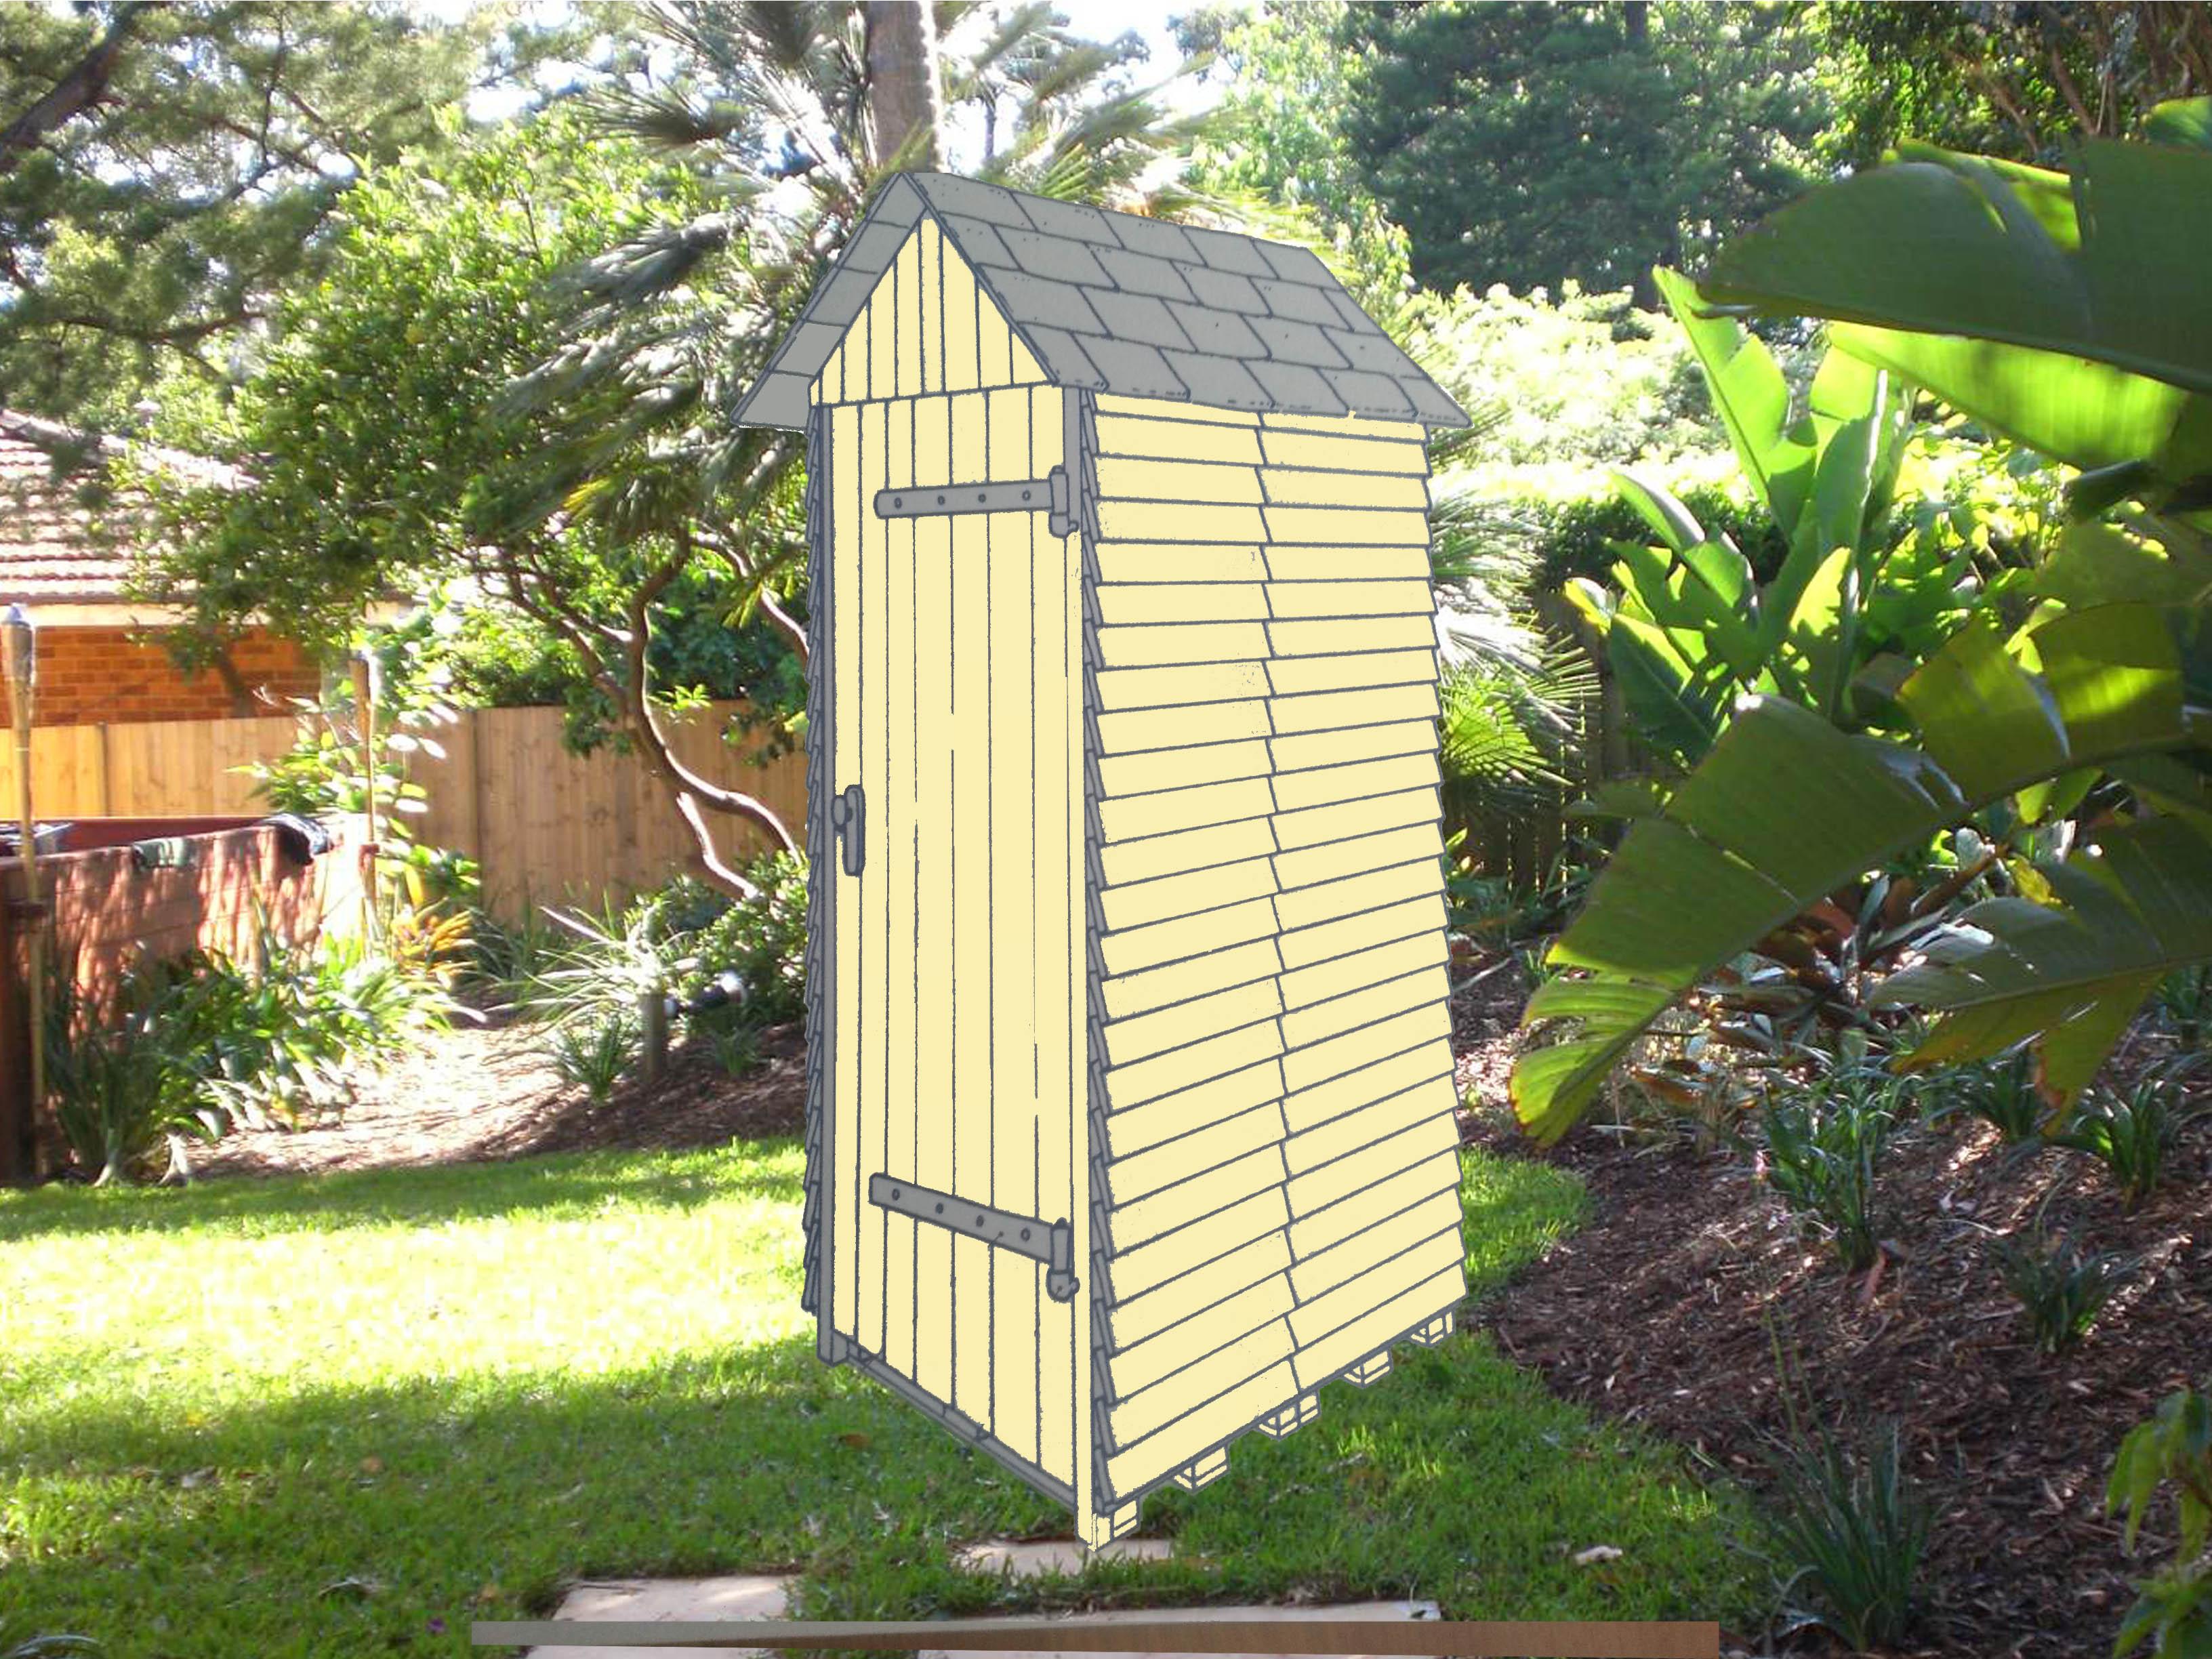 Construire Un Abri De Jardin En Bois Pas Cher intérieur Abri Bois Pas Cher